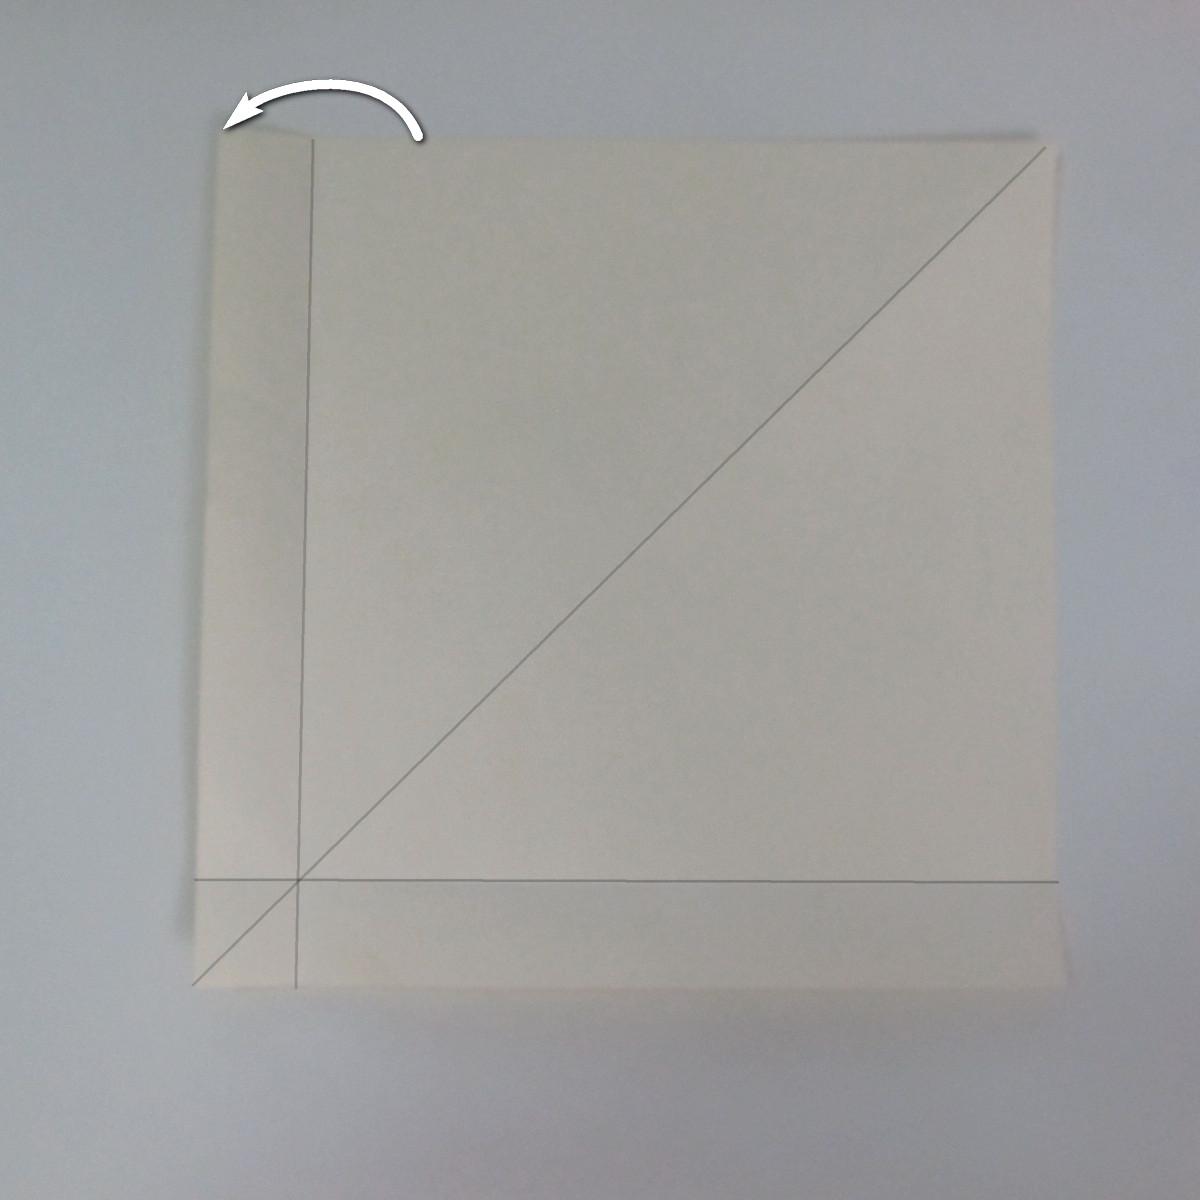 สอนวิธีพับกระดาษเป็นรูปลูกสุนัขยืนสองขา แบบของพอล ฟราสโก้ (Down Boy Dog Origami) 014